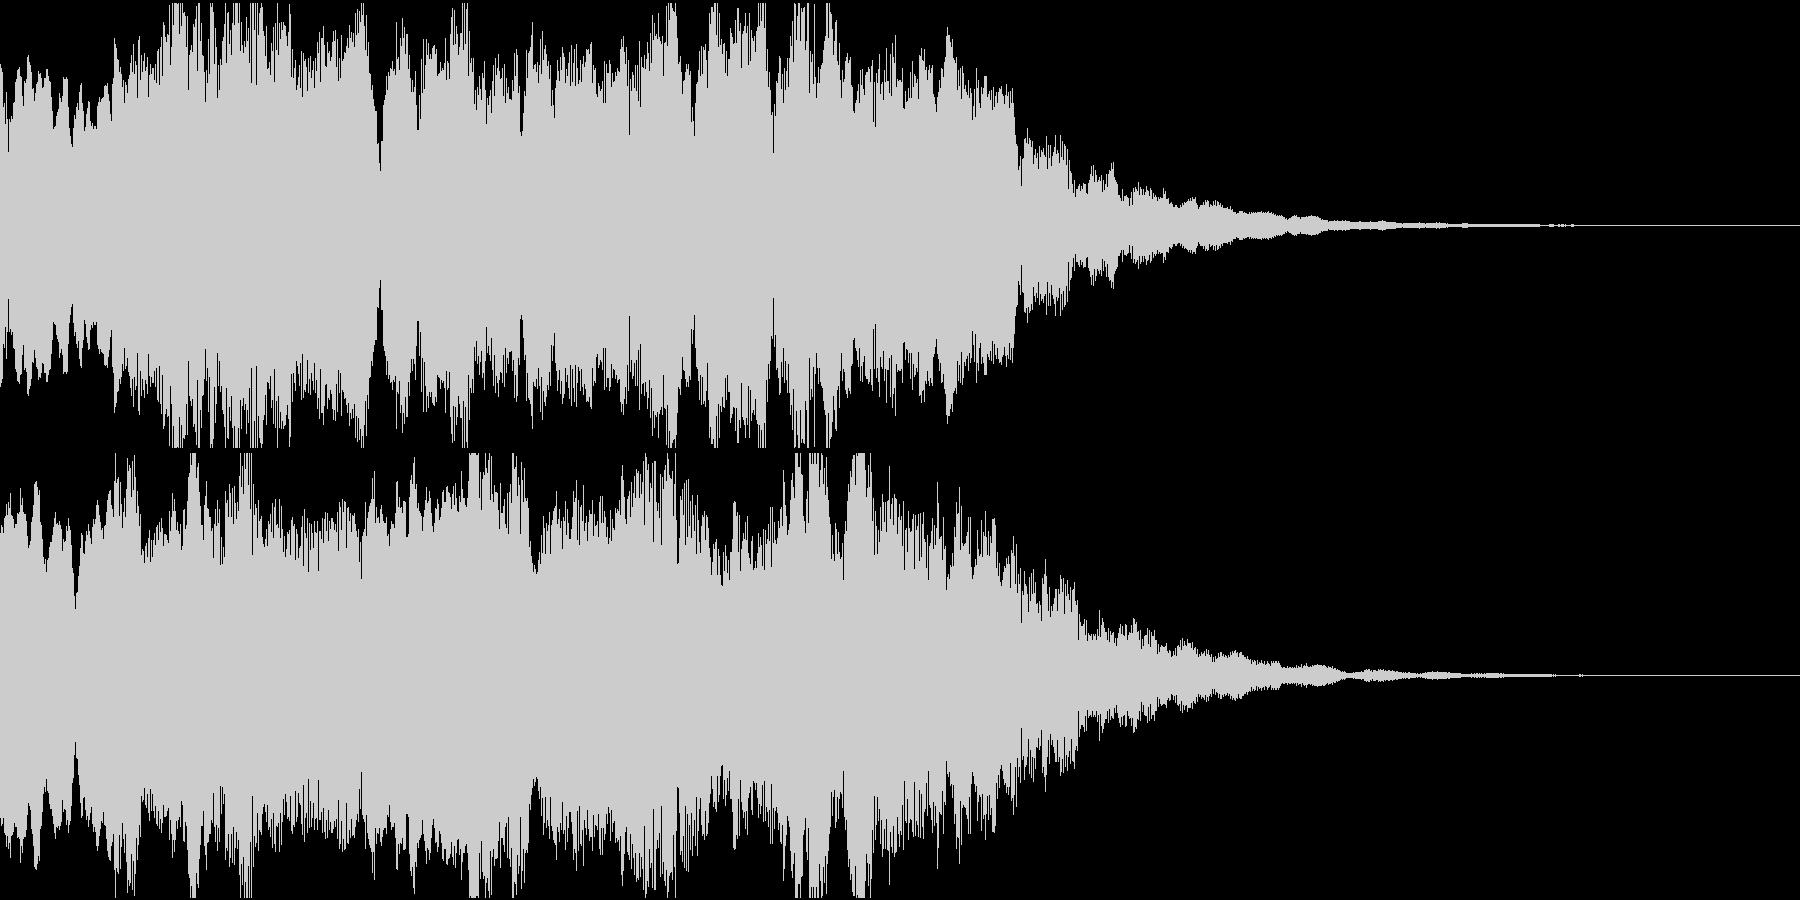 和風サウンドロゴ・ジングル/琴/笛の未再生の波形